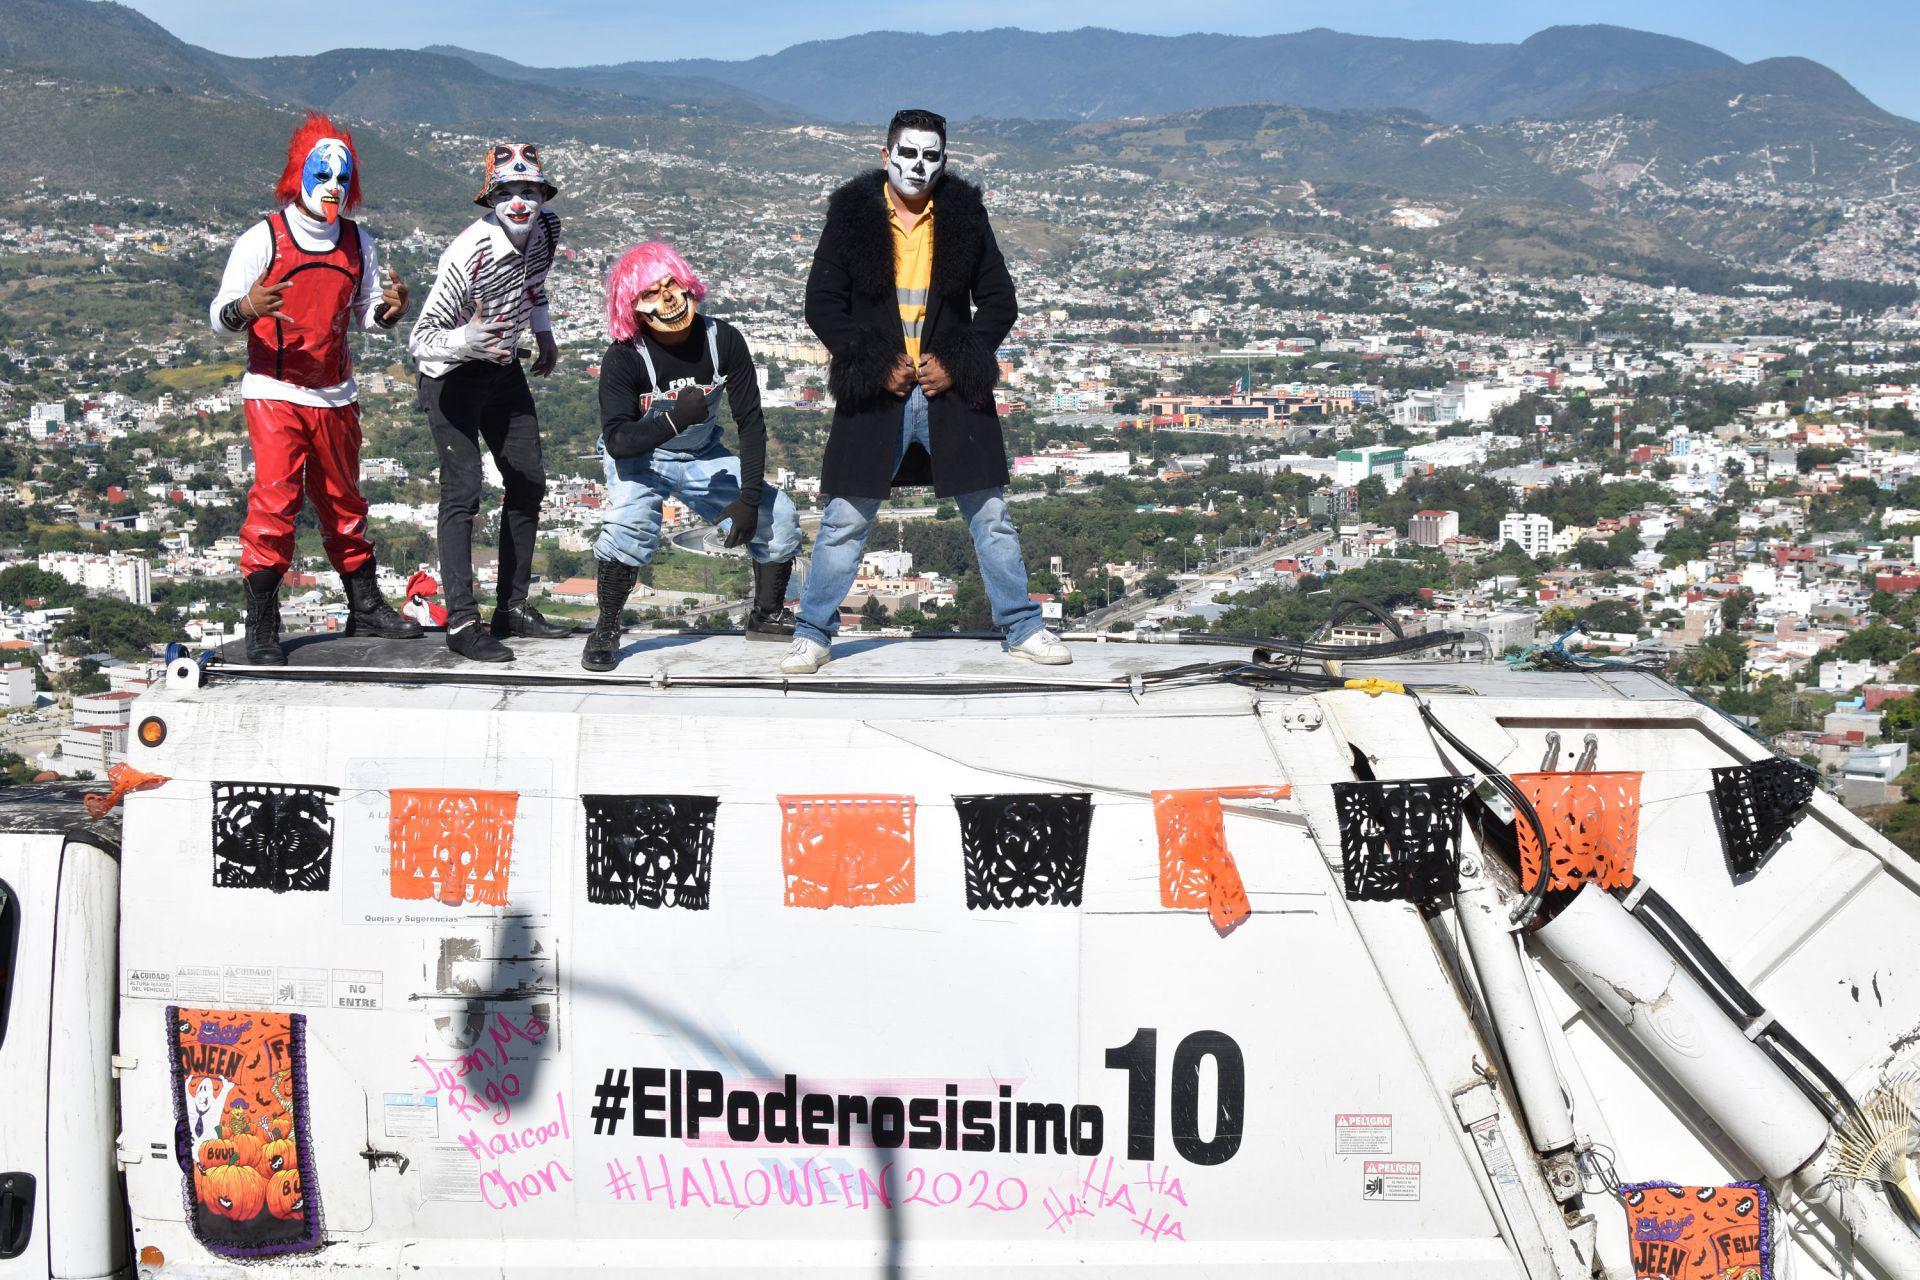 Chilpancingo, Guerrero, México. 1 de noviembre de 2020. Para hacer más amena su jornada laboral de esta temporada de Halloween y Día de Muerto, los trabajadores de Servicios Públicos que operan el camión conocido como 'El Poderosísimo 10', estrellas de redes sociales, optaron por hacerlo disfrazados.